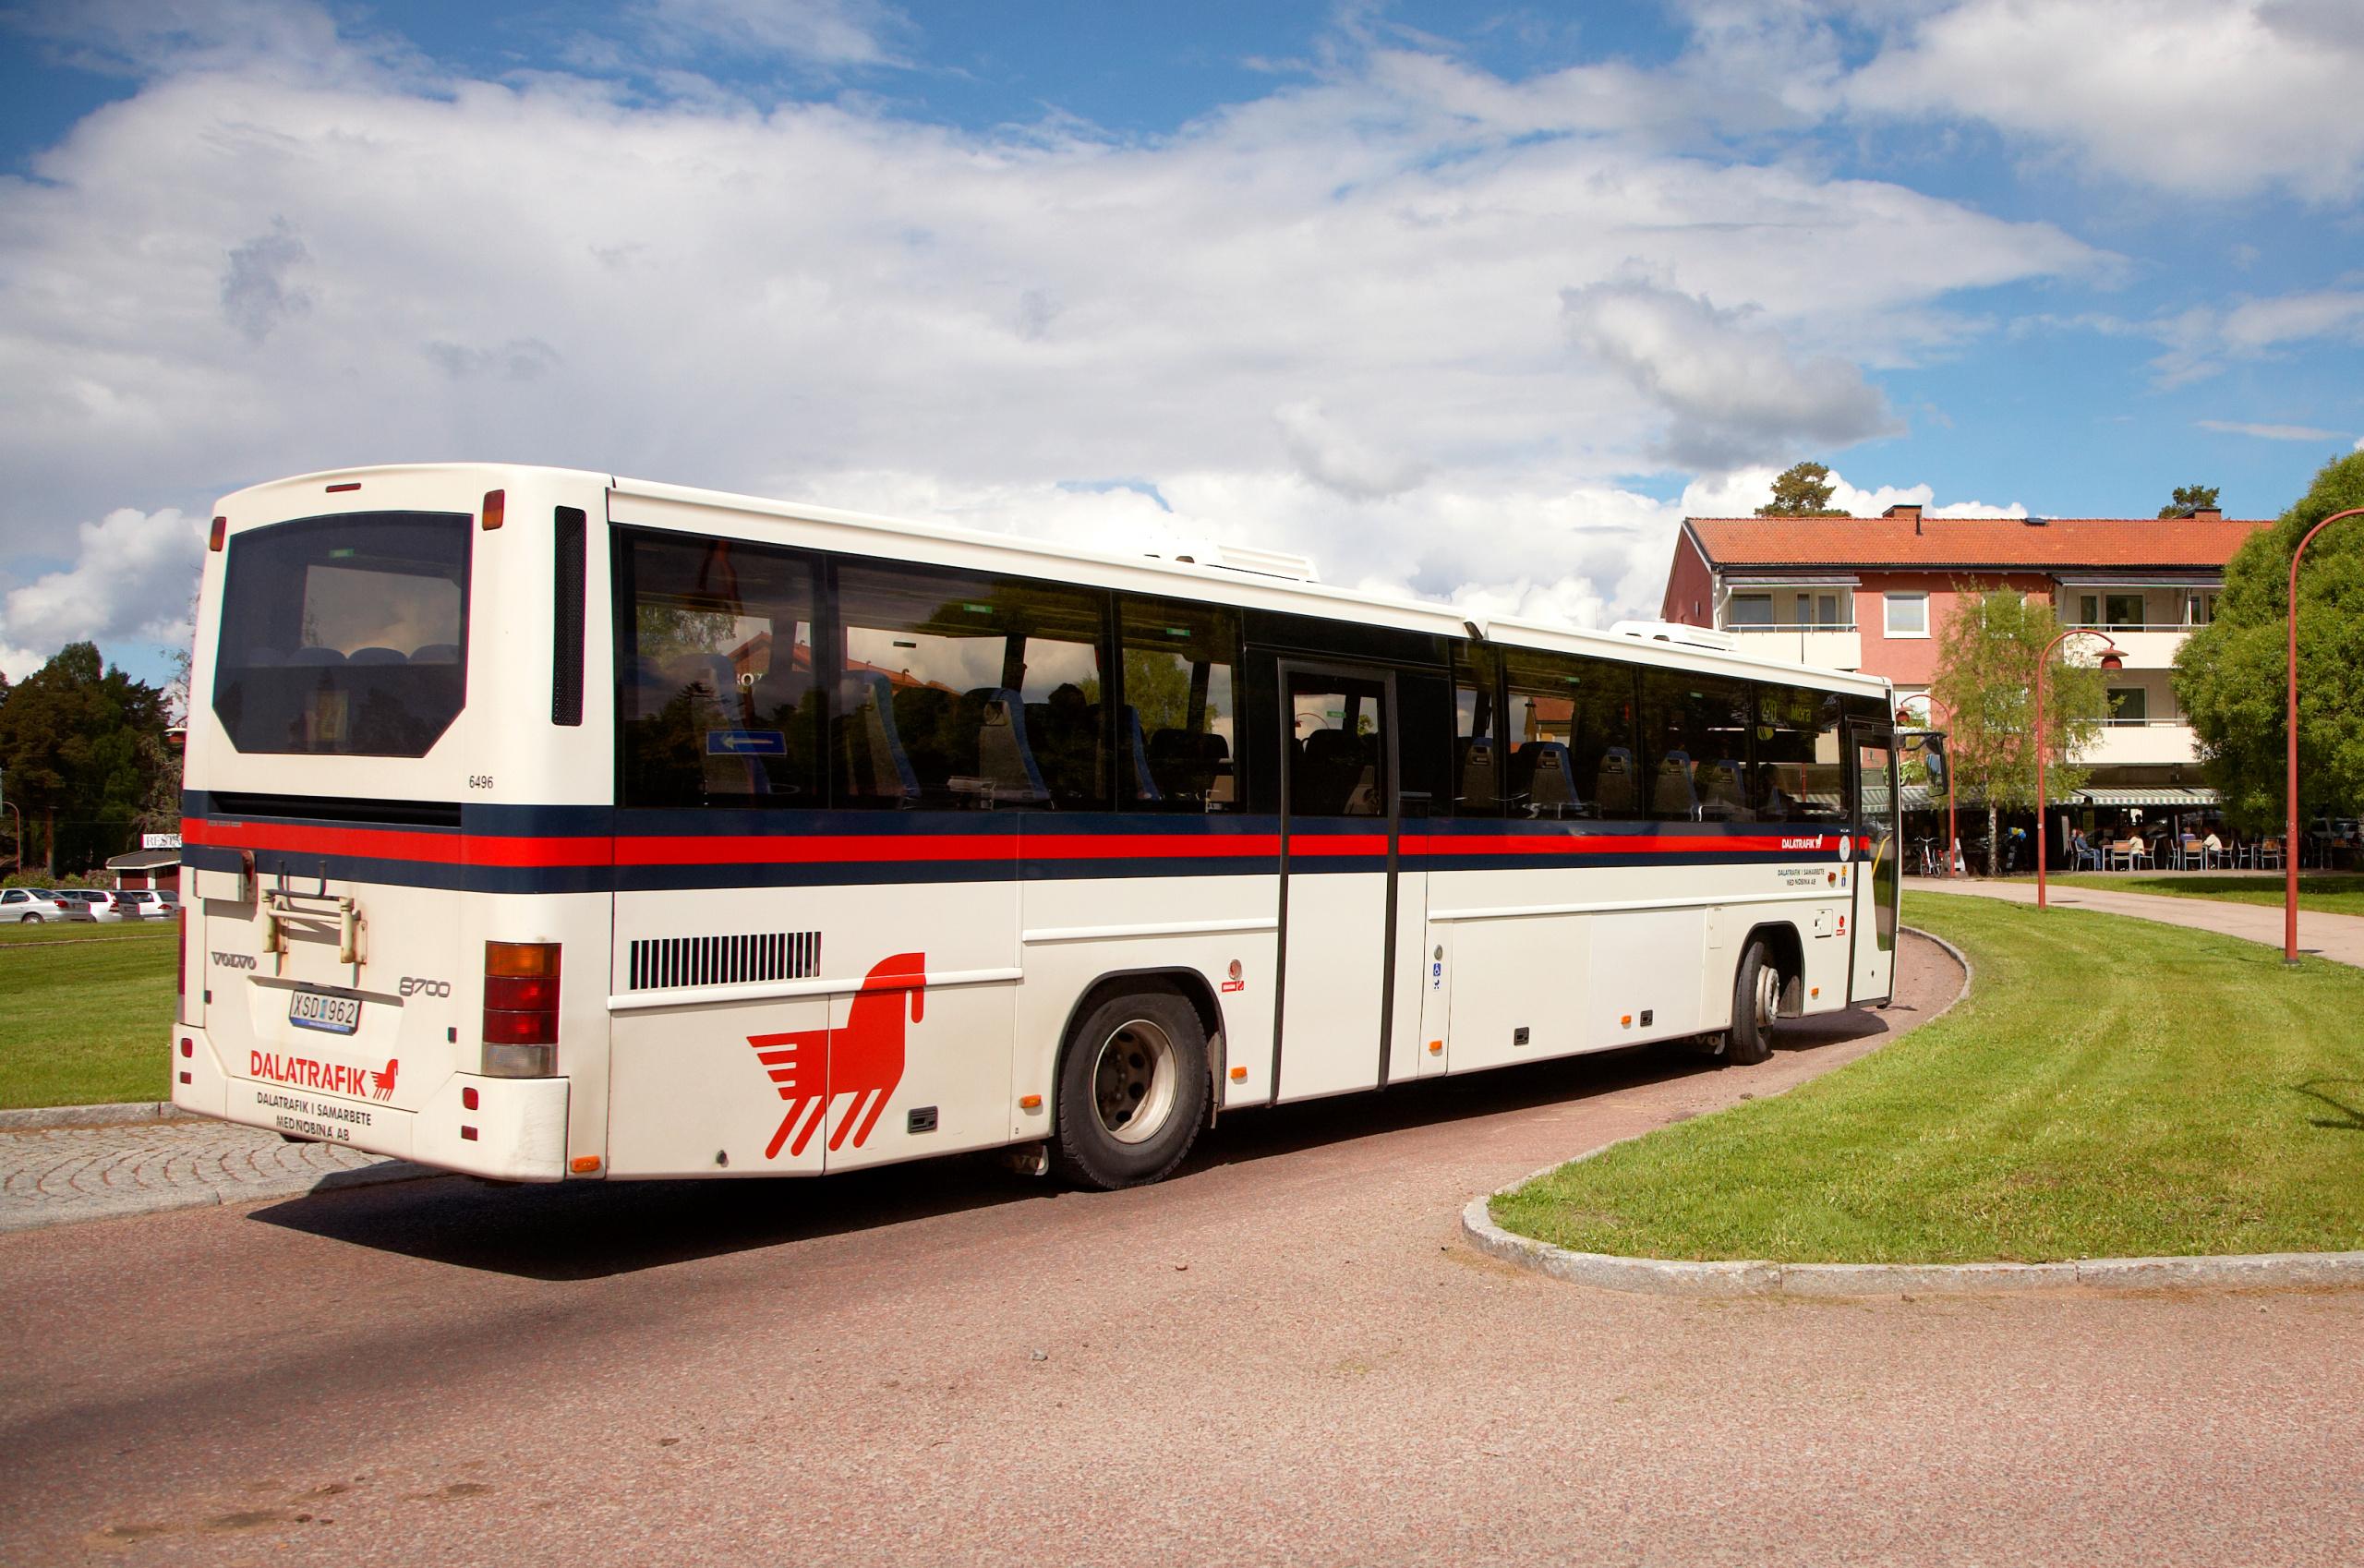 Kostnadsfritt för färdtjänstresenärer som vill åka buss